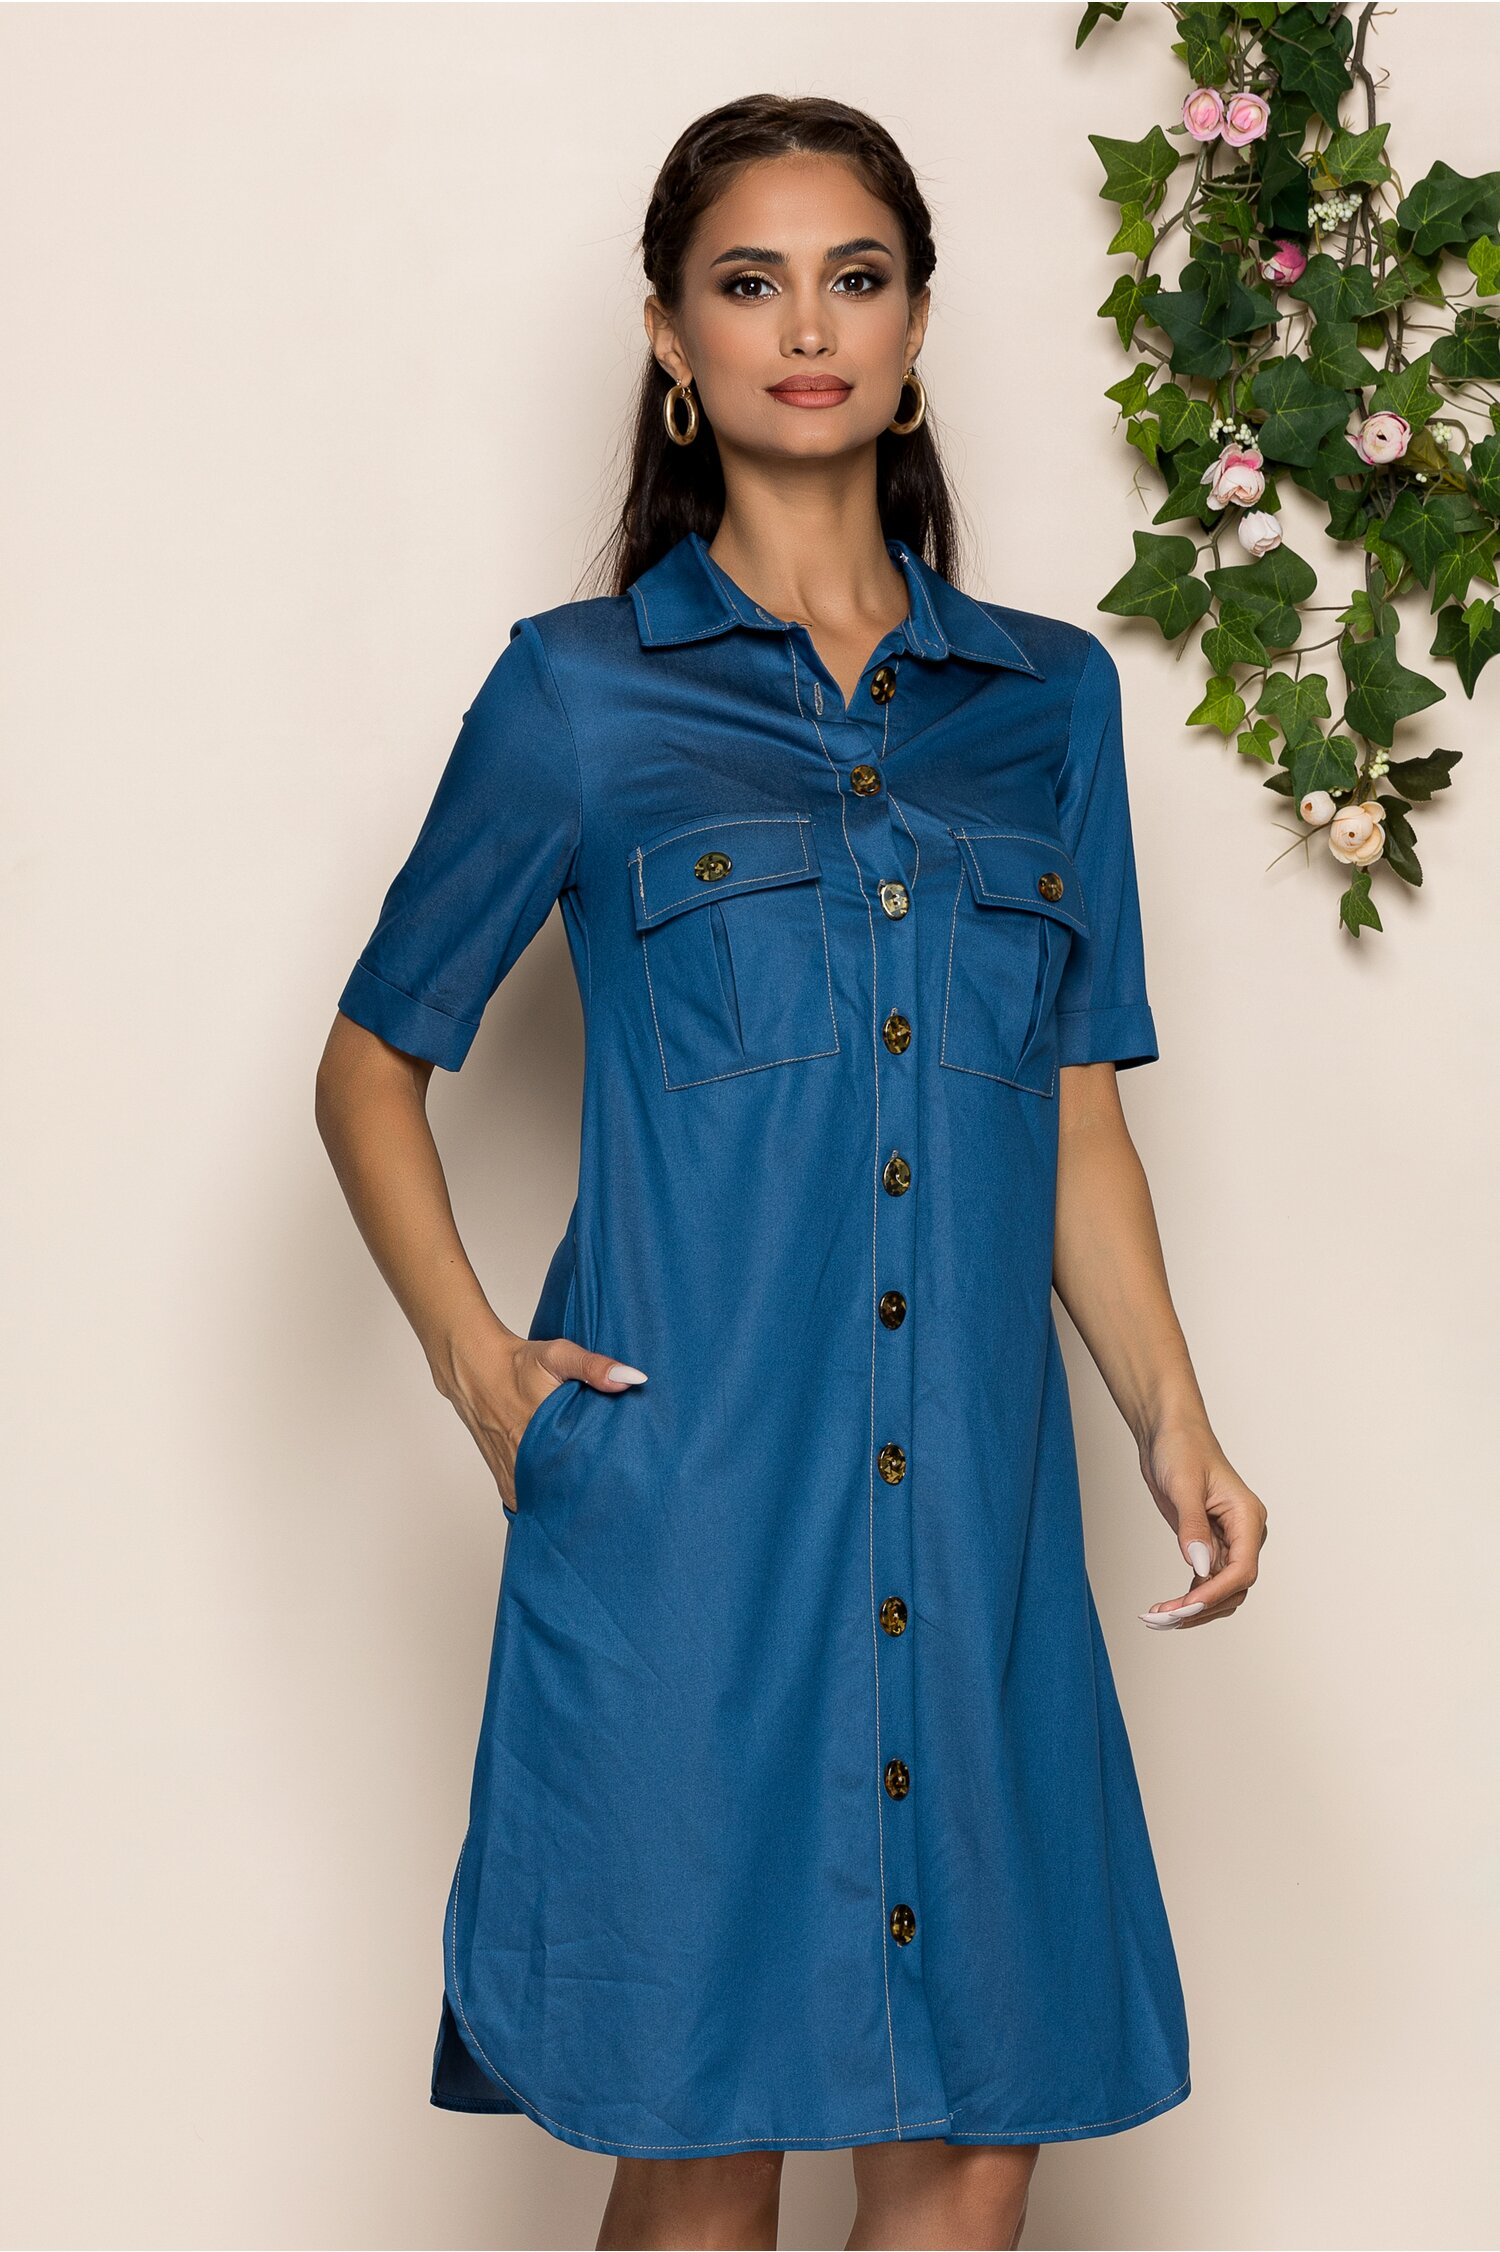 Rochie Merry albastra tip camasa din denim